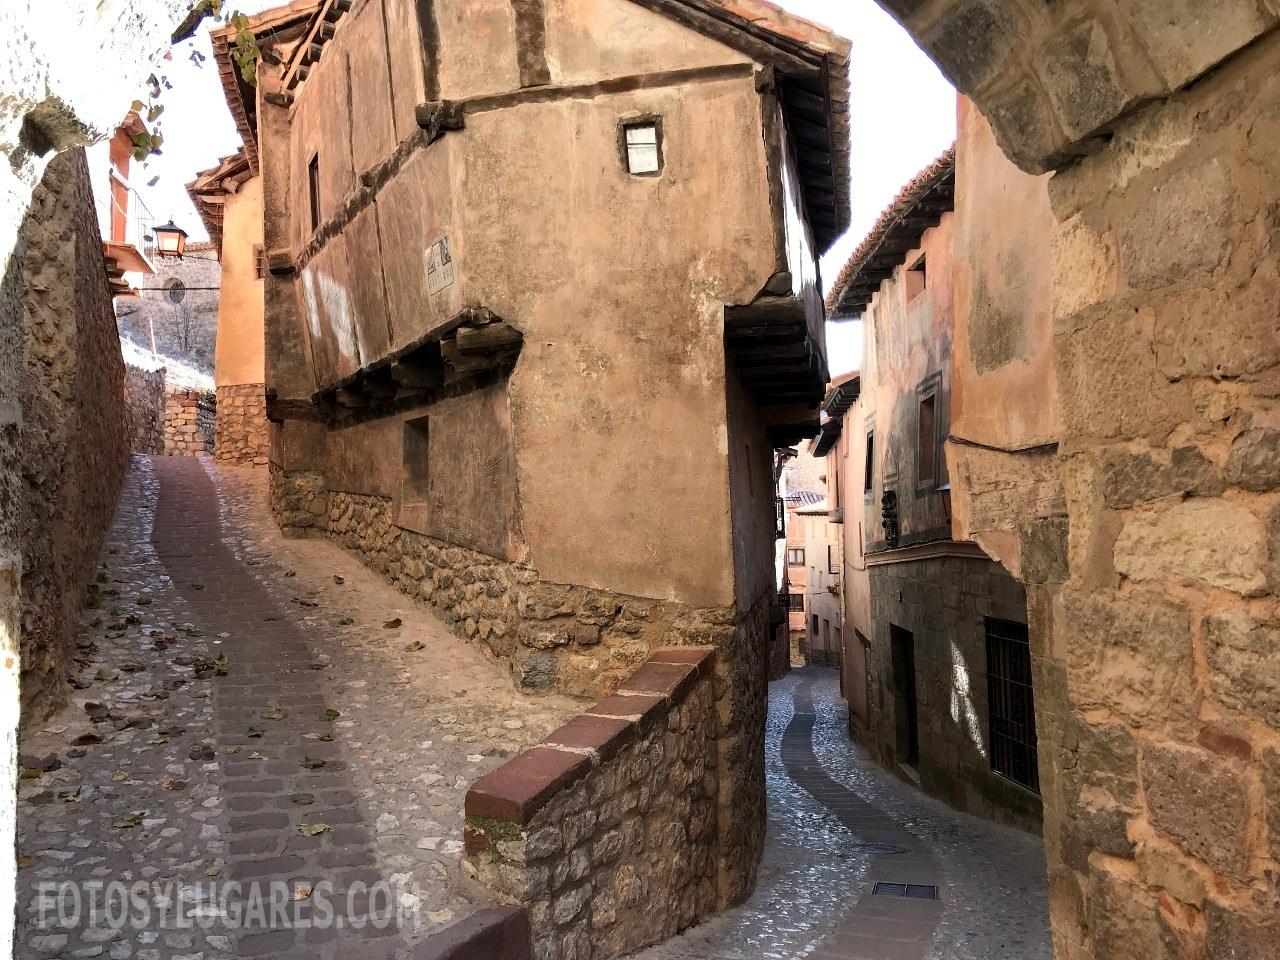 Qu ver en albarrac n uno de los pueblos mas bonitos de espa a - Casa rural gea de albarracin ...